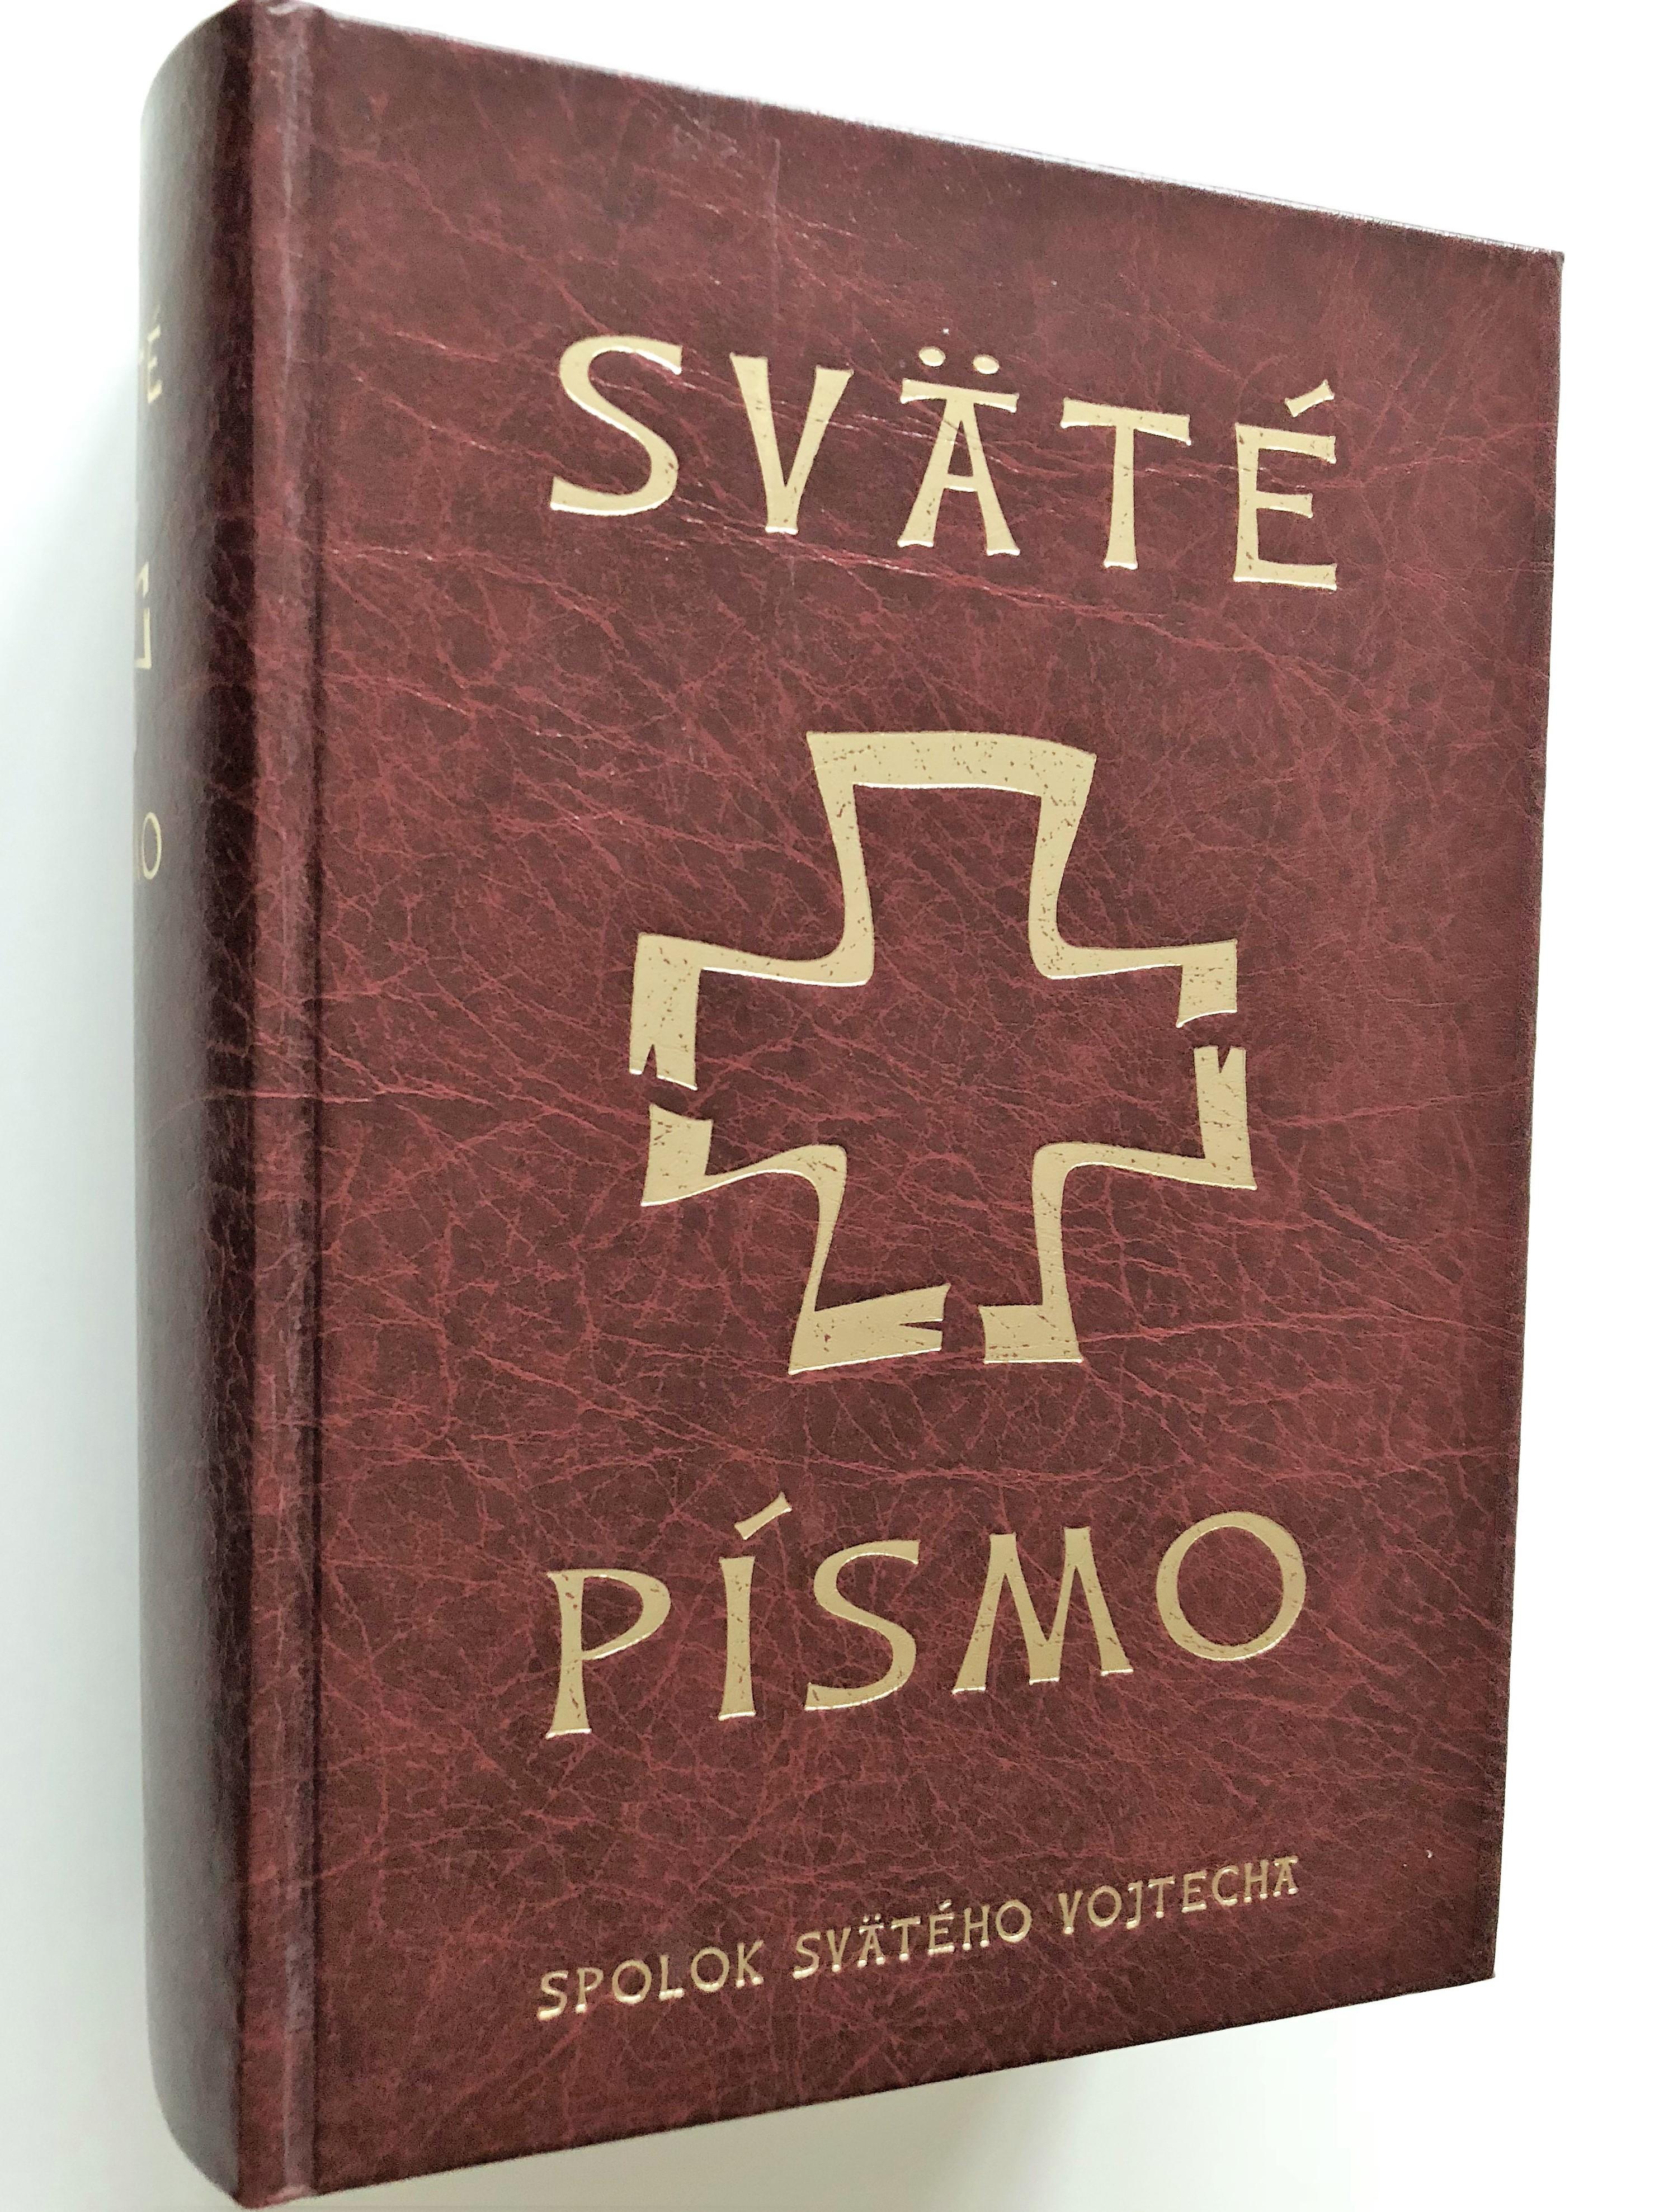 slovak-catholic-study-bible-large-print-with-study-notes-1-.jpg